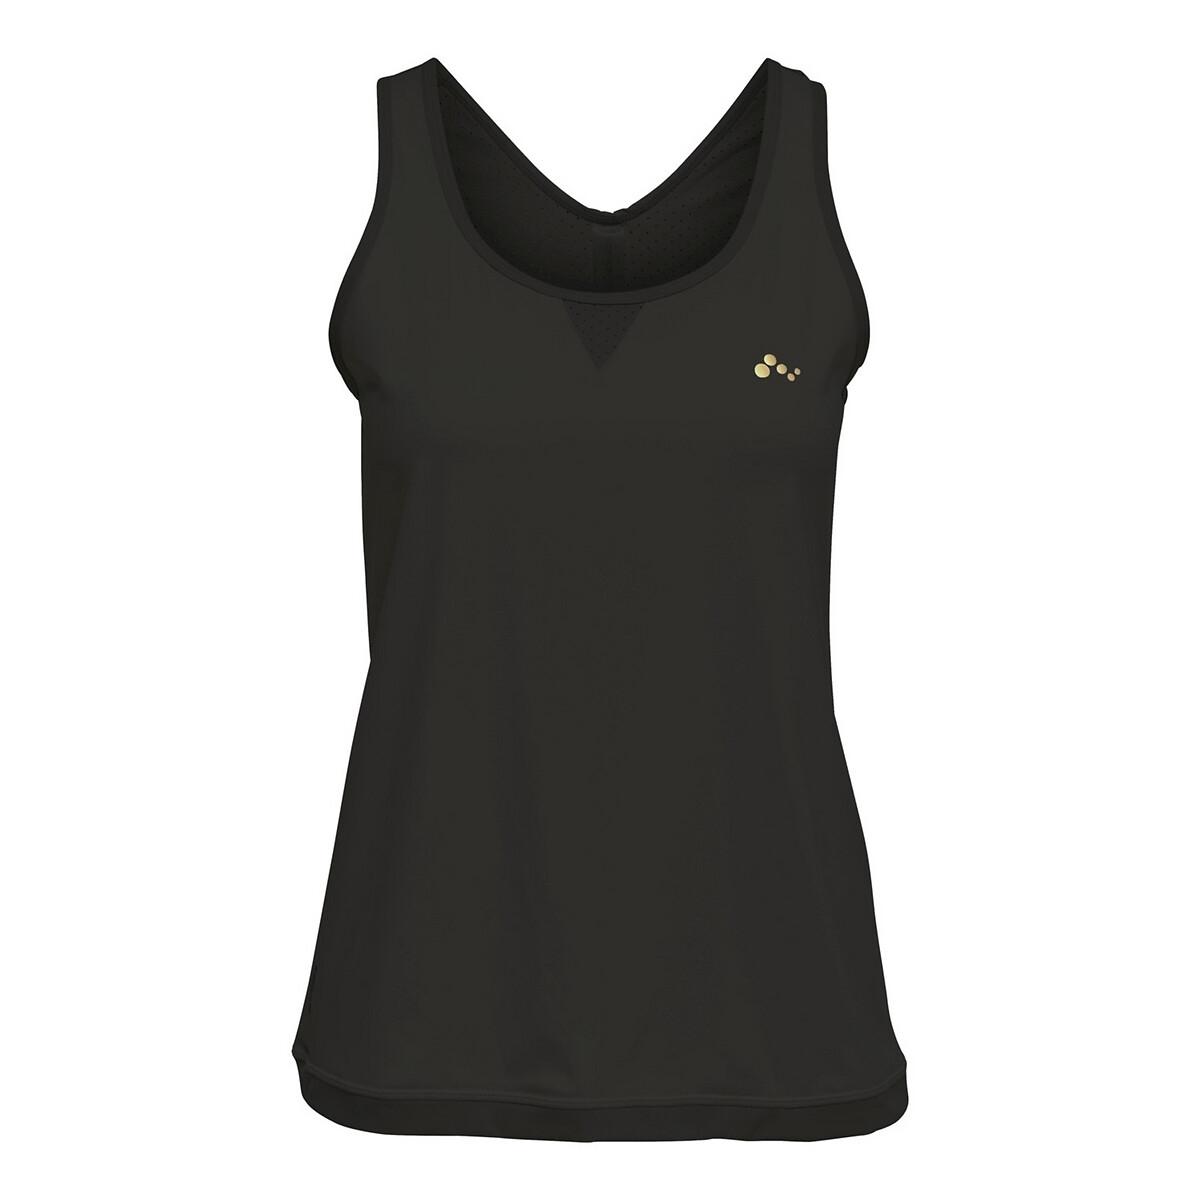 Топ La Redoute Тренировочный для фитнеса L черный